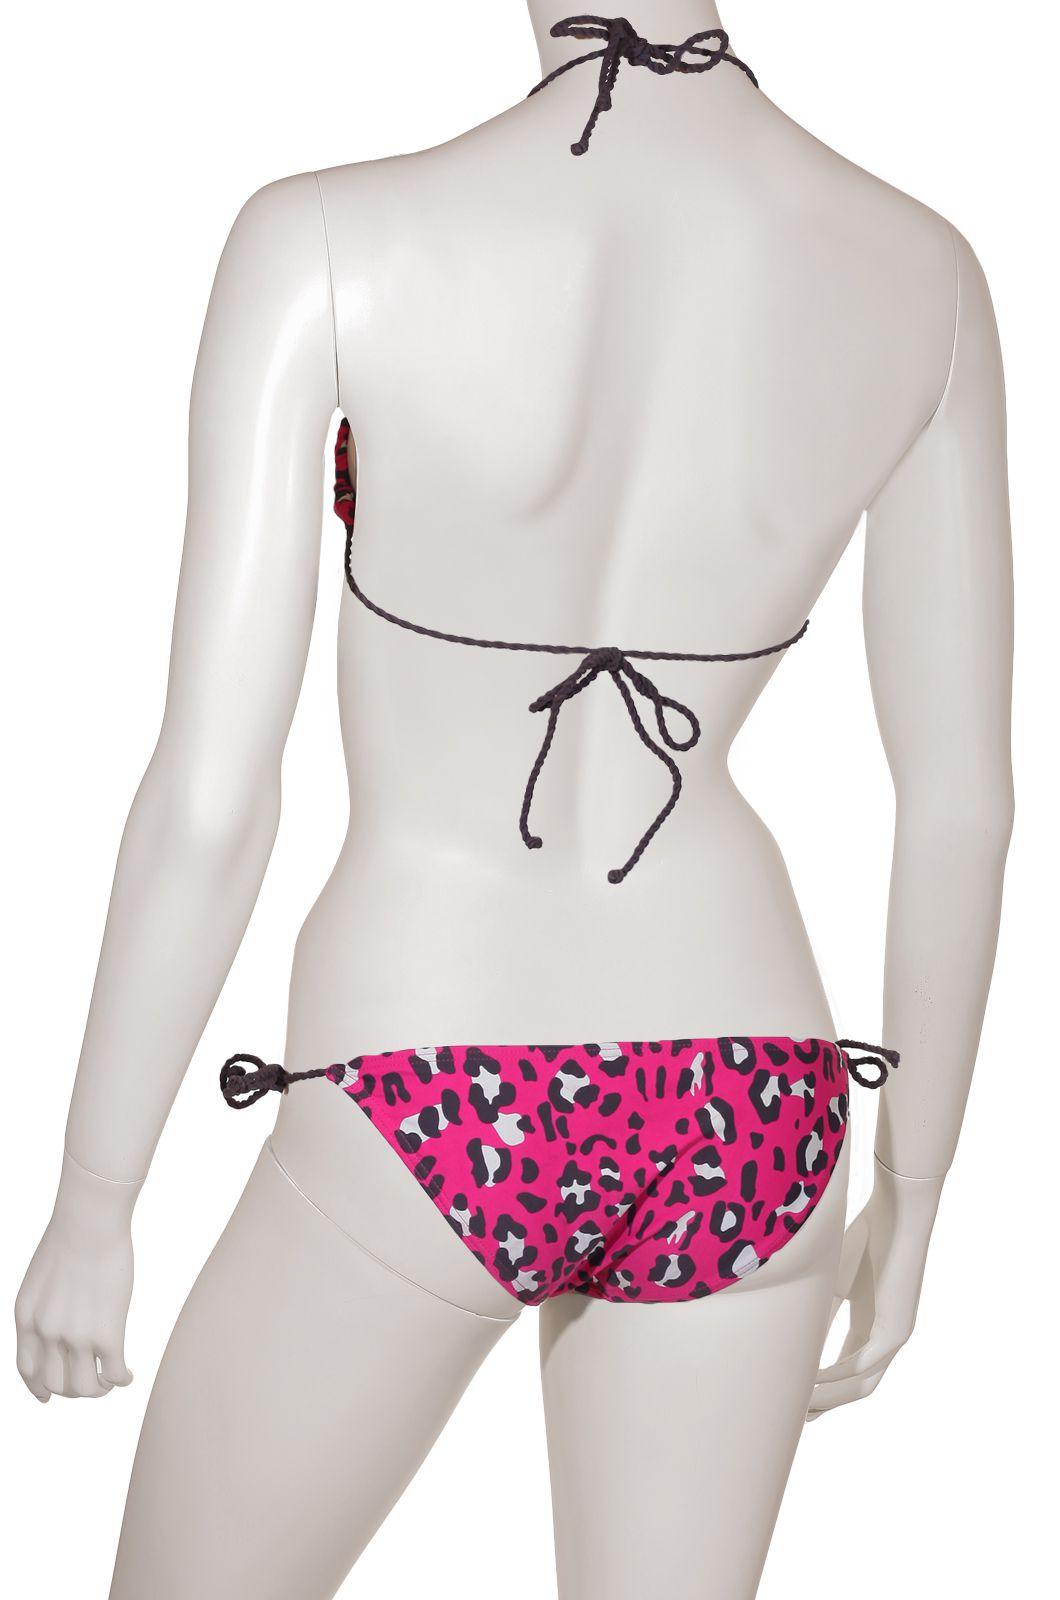 Элегантное пляжное бикини Blanсo (Испания) - вид сзади